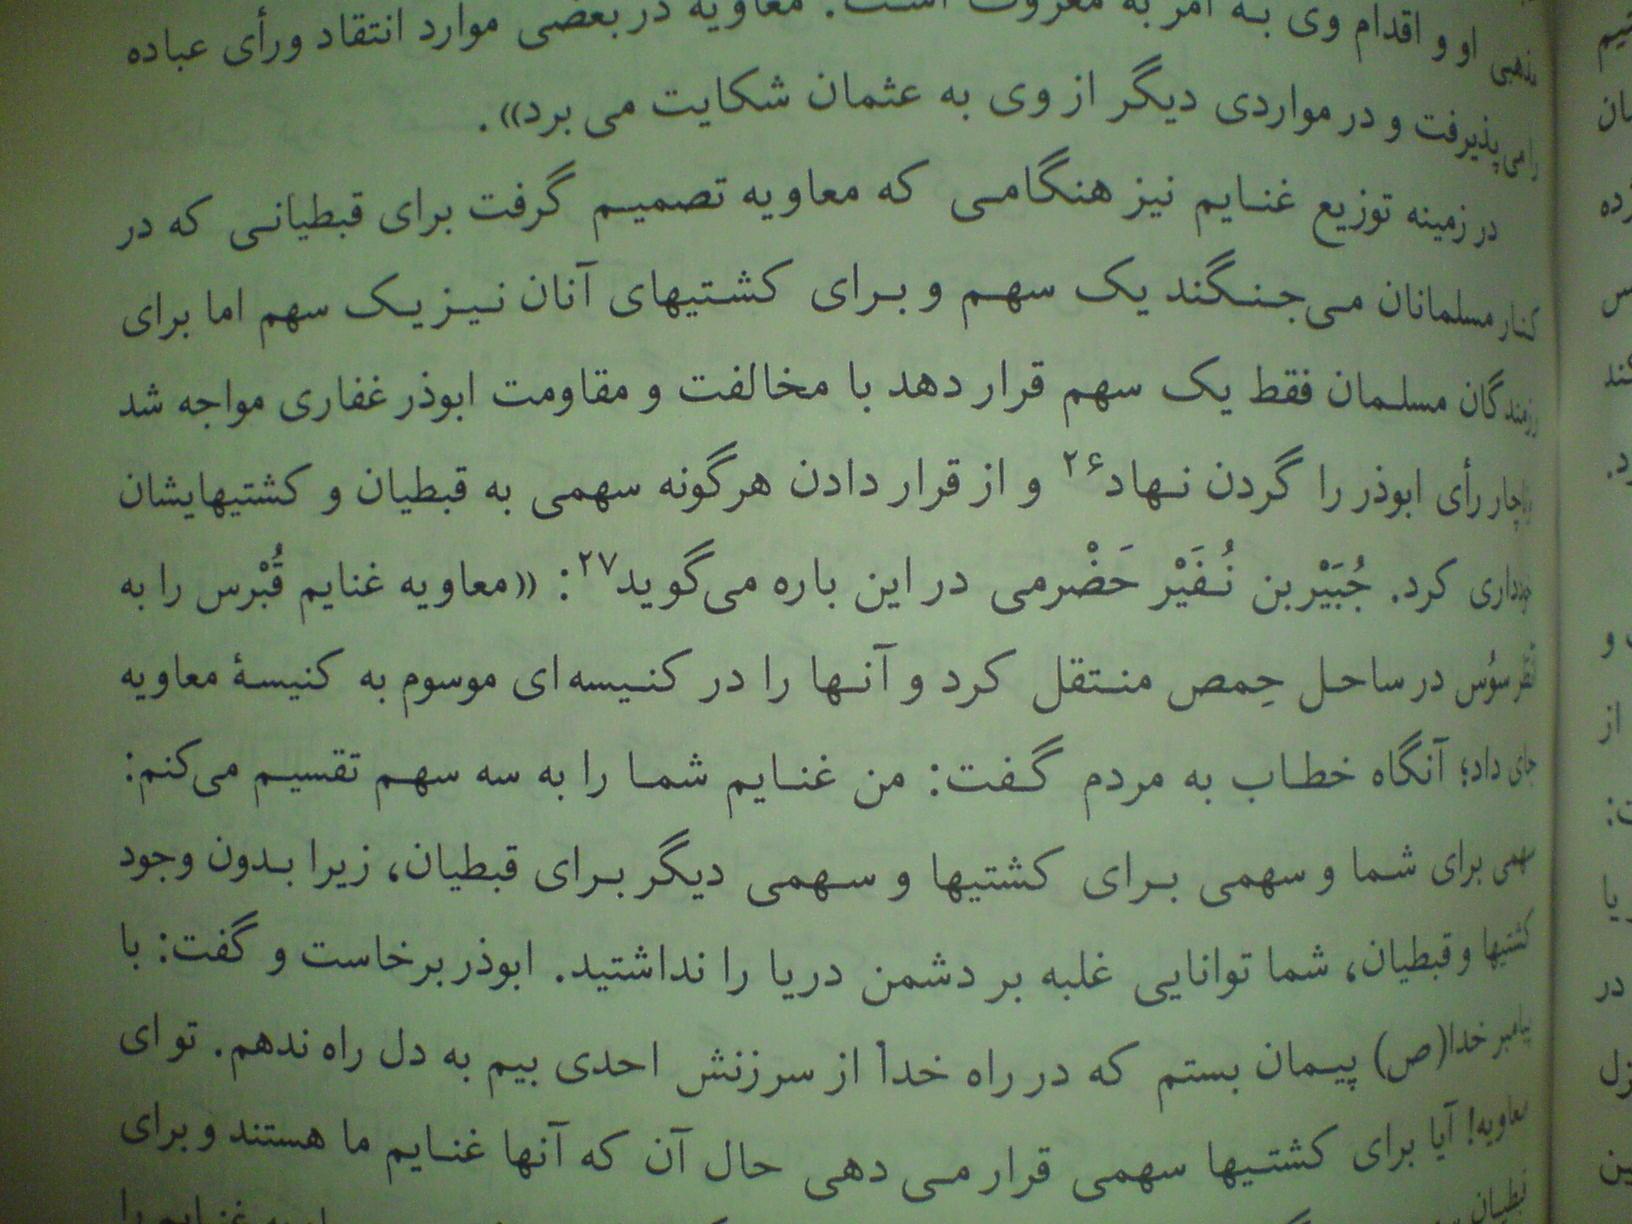 عکس های کتاب فرقه های اسلامی در سرزمین شام در عصر اموی